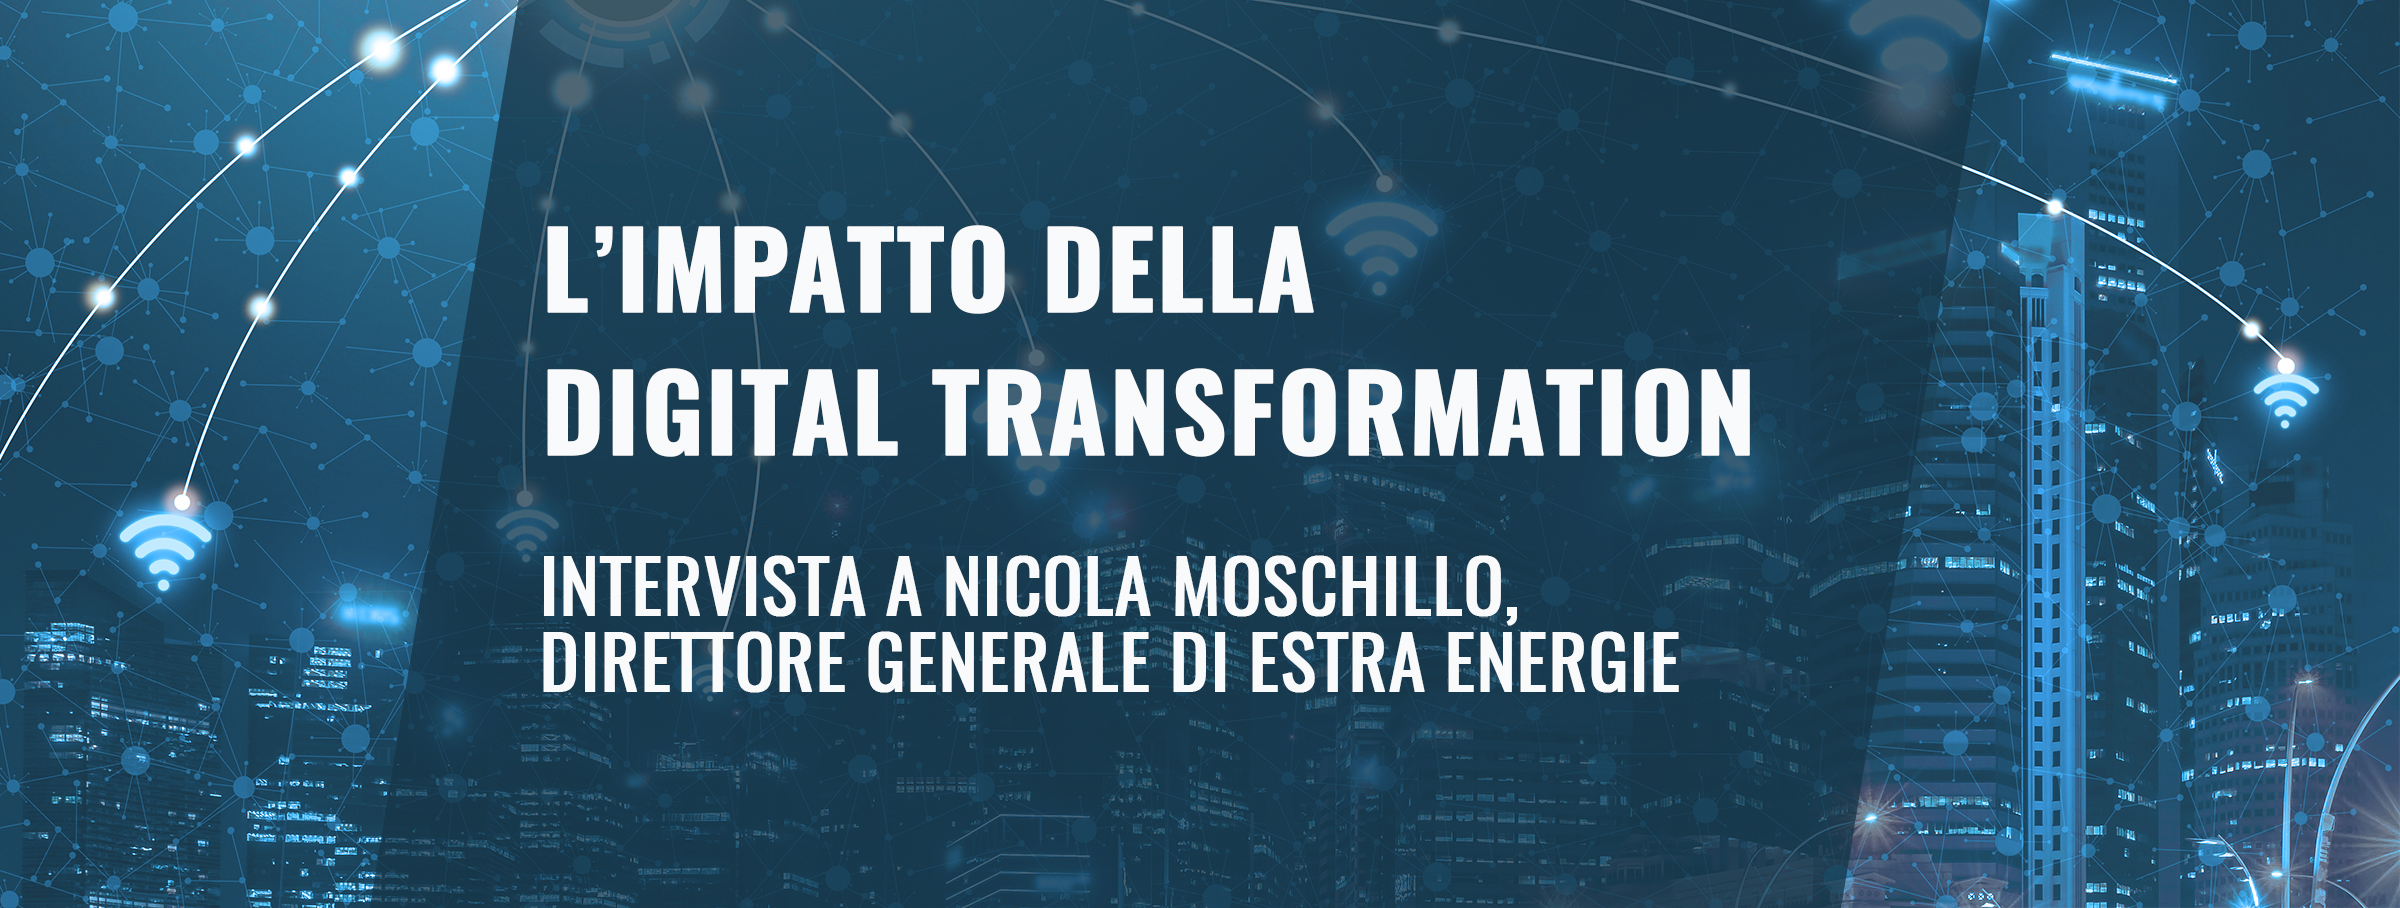 Nicola Moschillo e la Digital Transformation